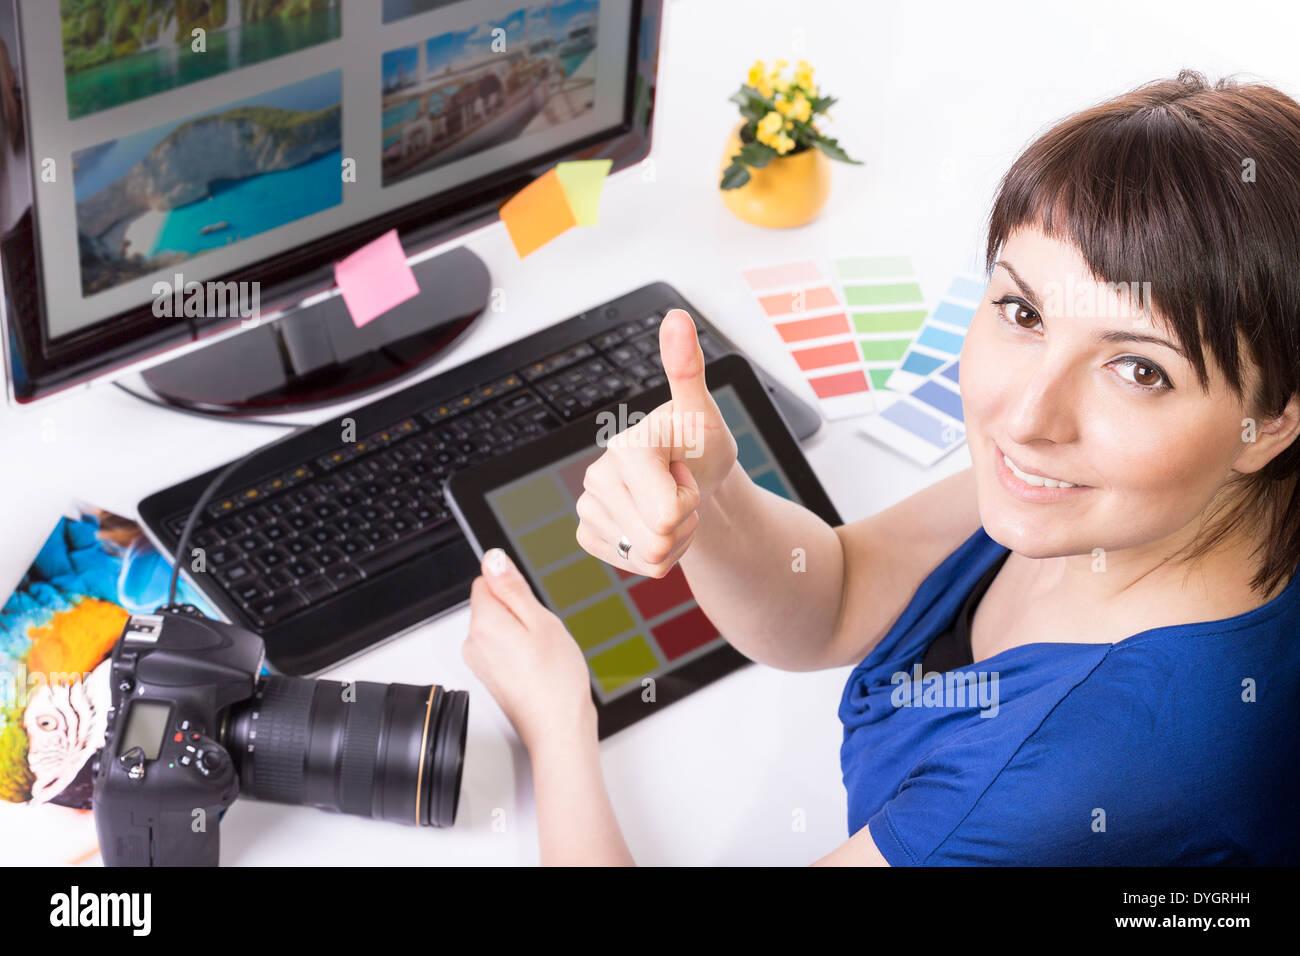 Foto-Editor auf Computer und gebrauchte Grafiktablett arbeiten. Stockbild